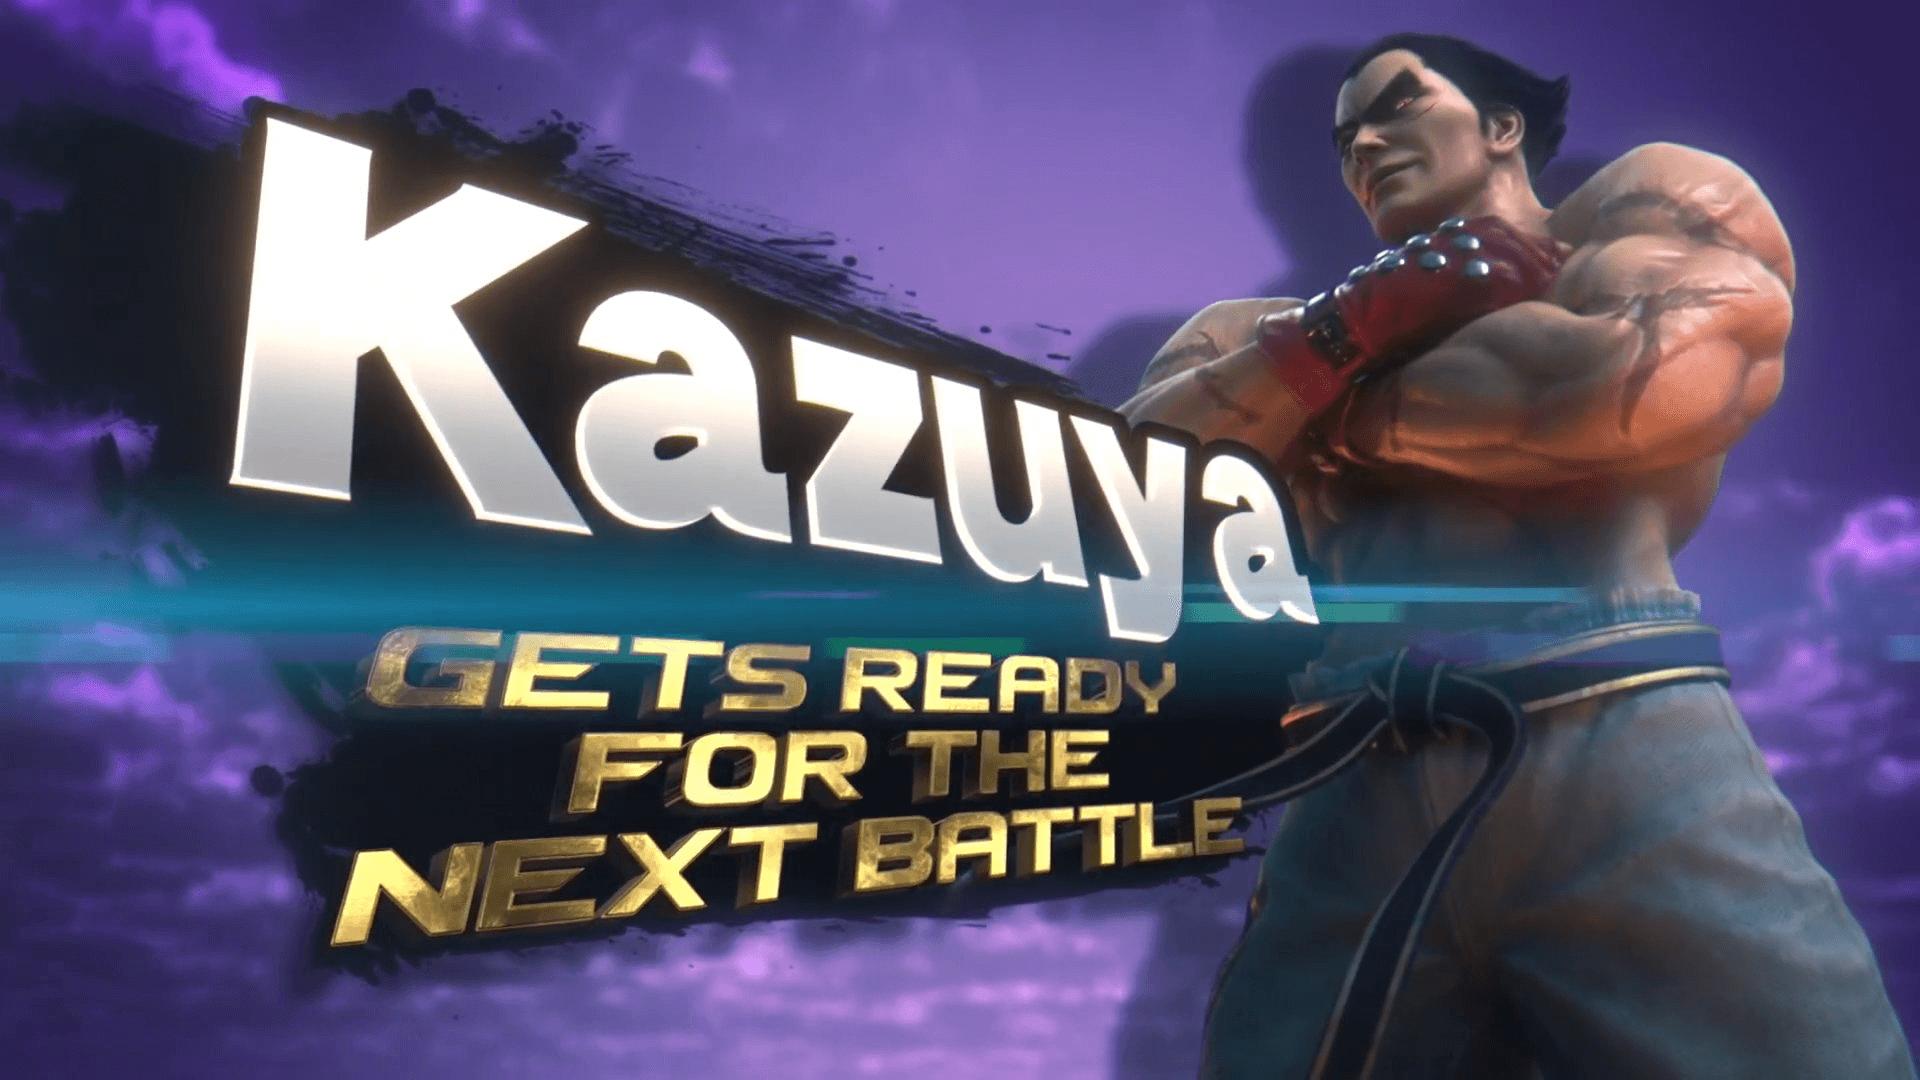 New Super Smash Bros Character! Kazuya Mishima